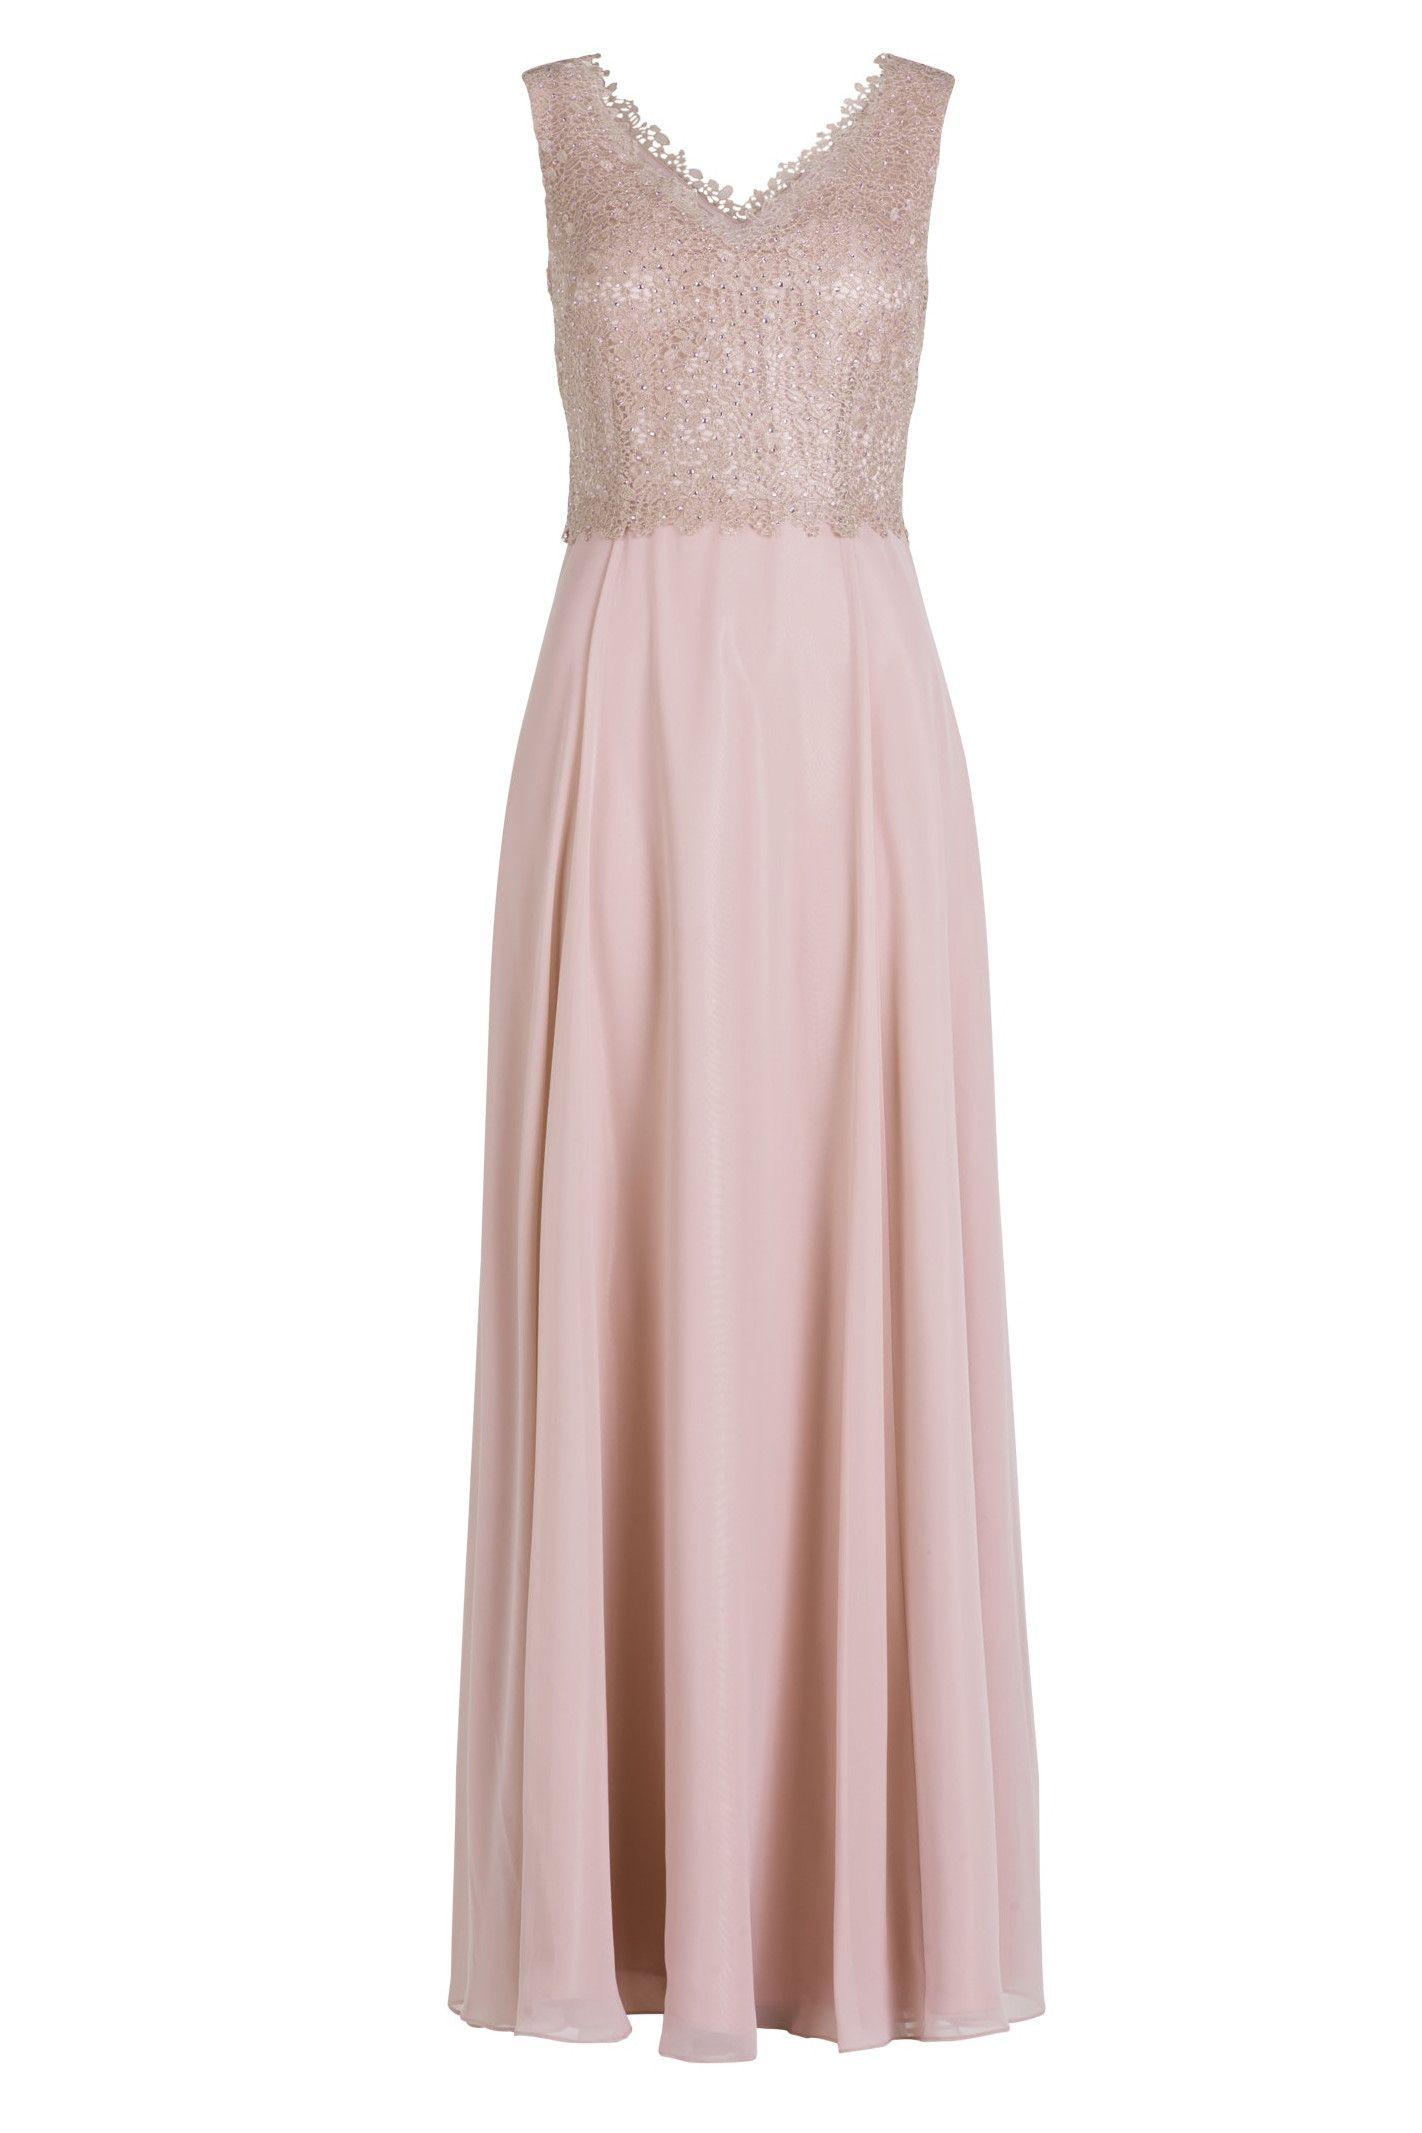 Wunderschönes Abendkleid  Abendkleid, Schöne kleider, Kleider